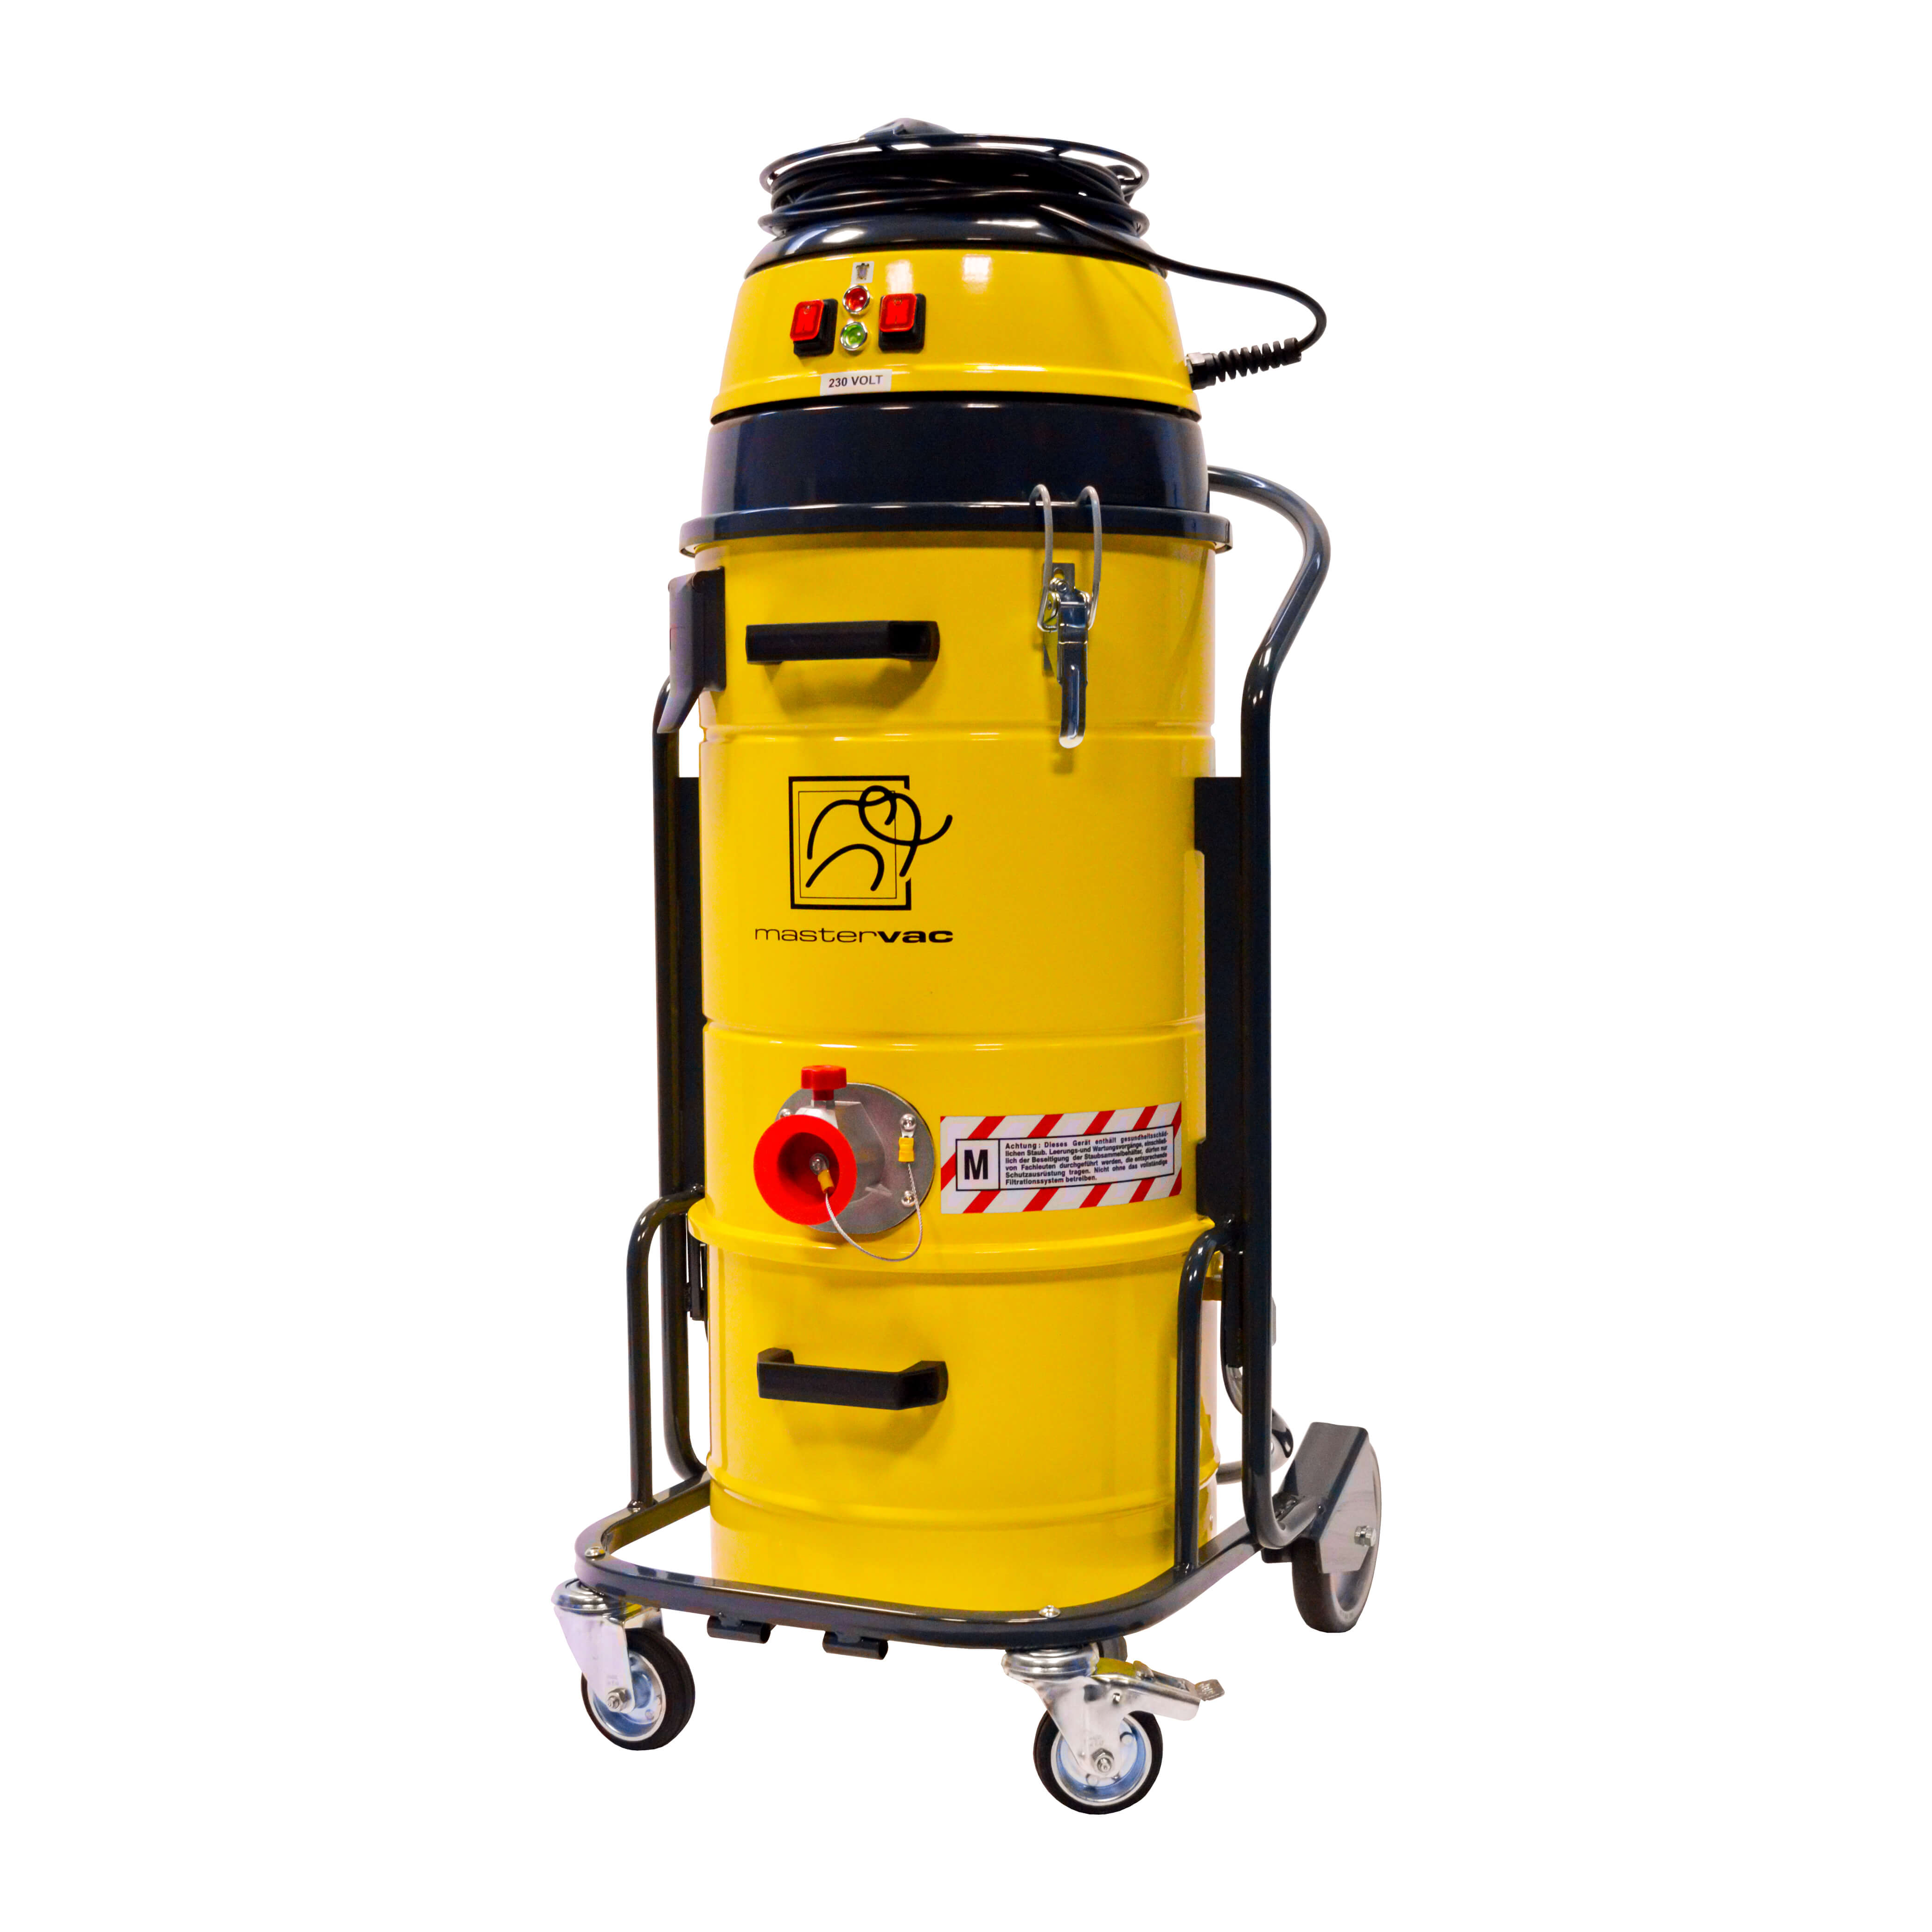 Индустриална прахосмукачка за изсмукване на прах Mastervac M 220 S